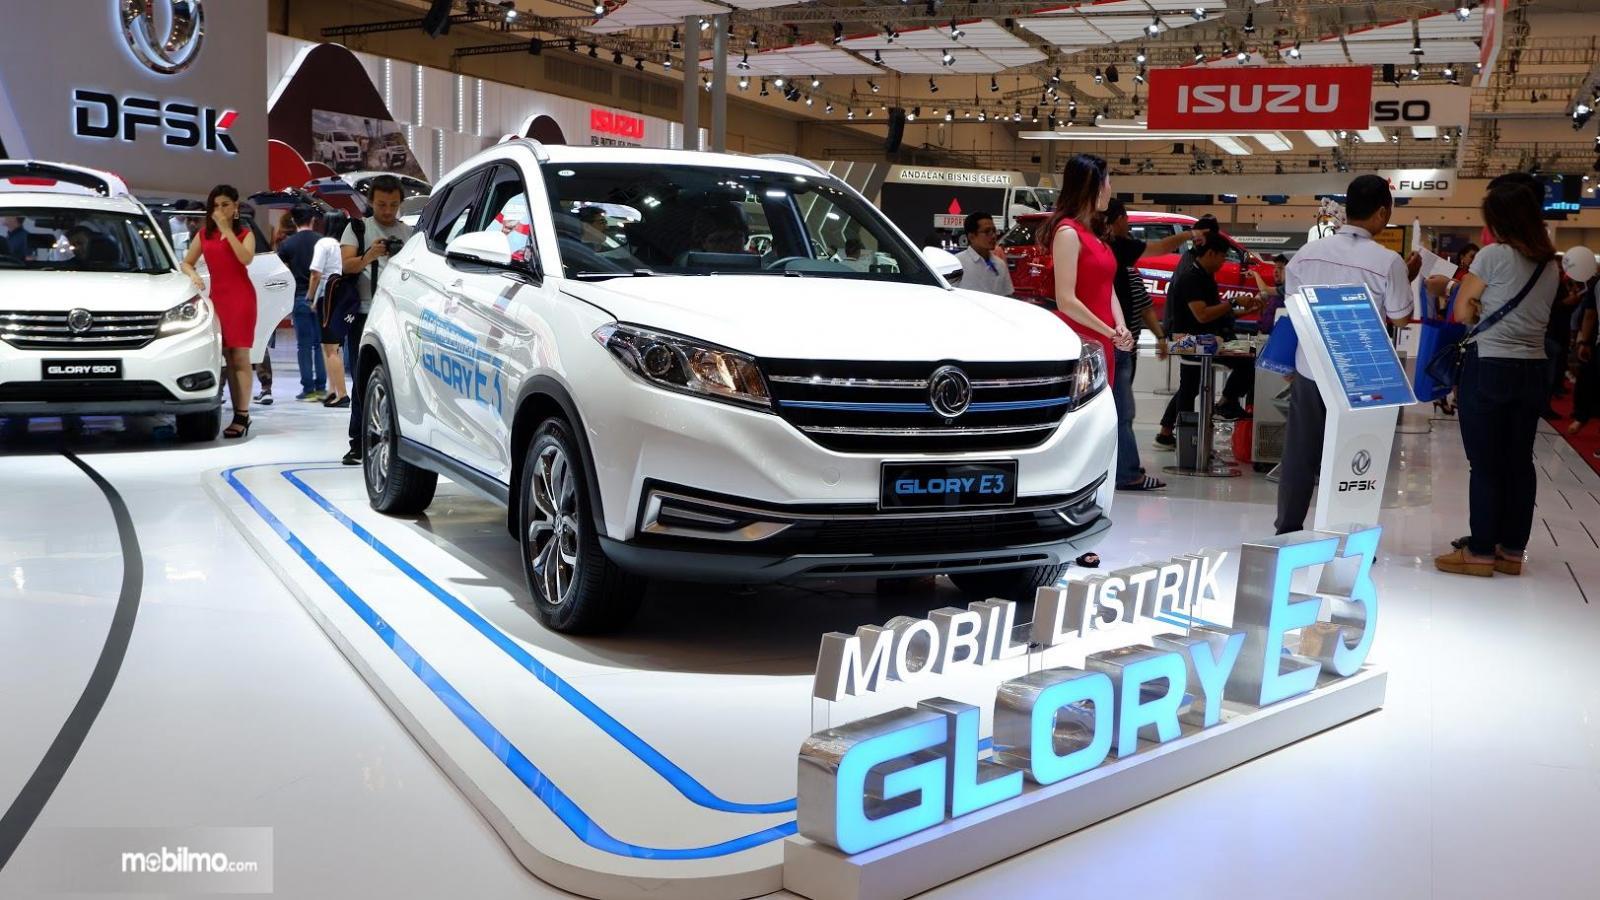 Foto Mobil listrik Glory E3 di pameran GIIAS 2019